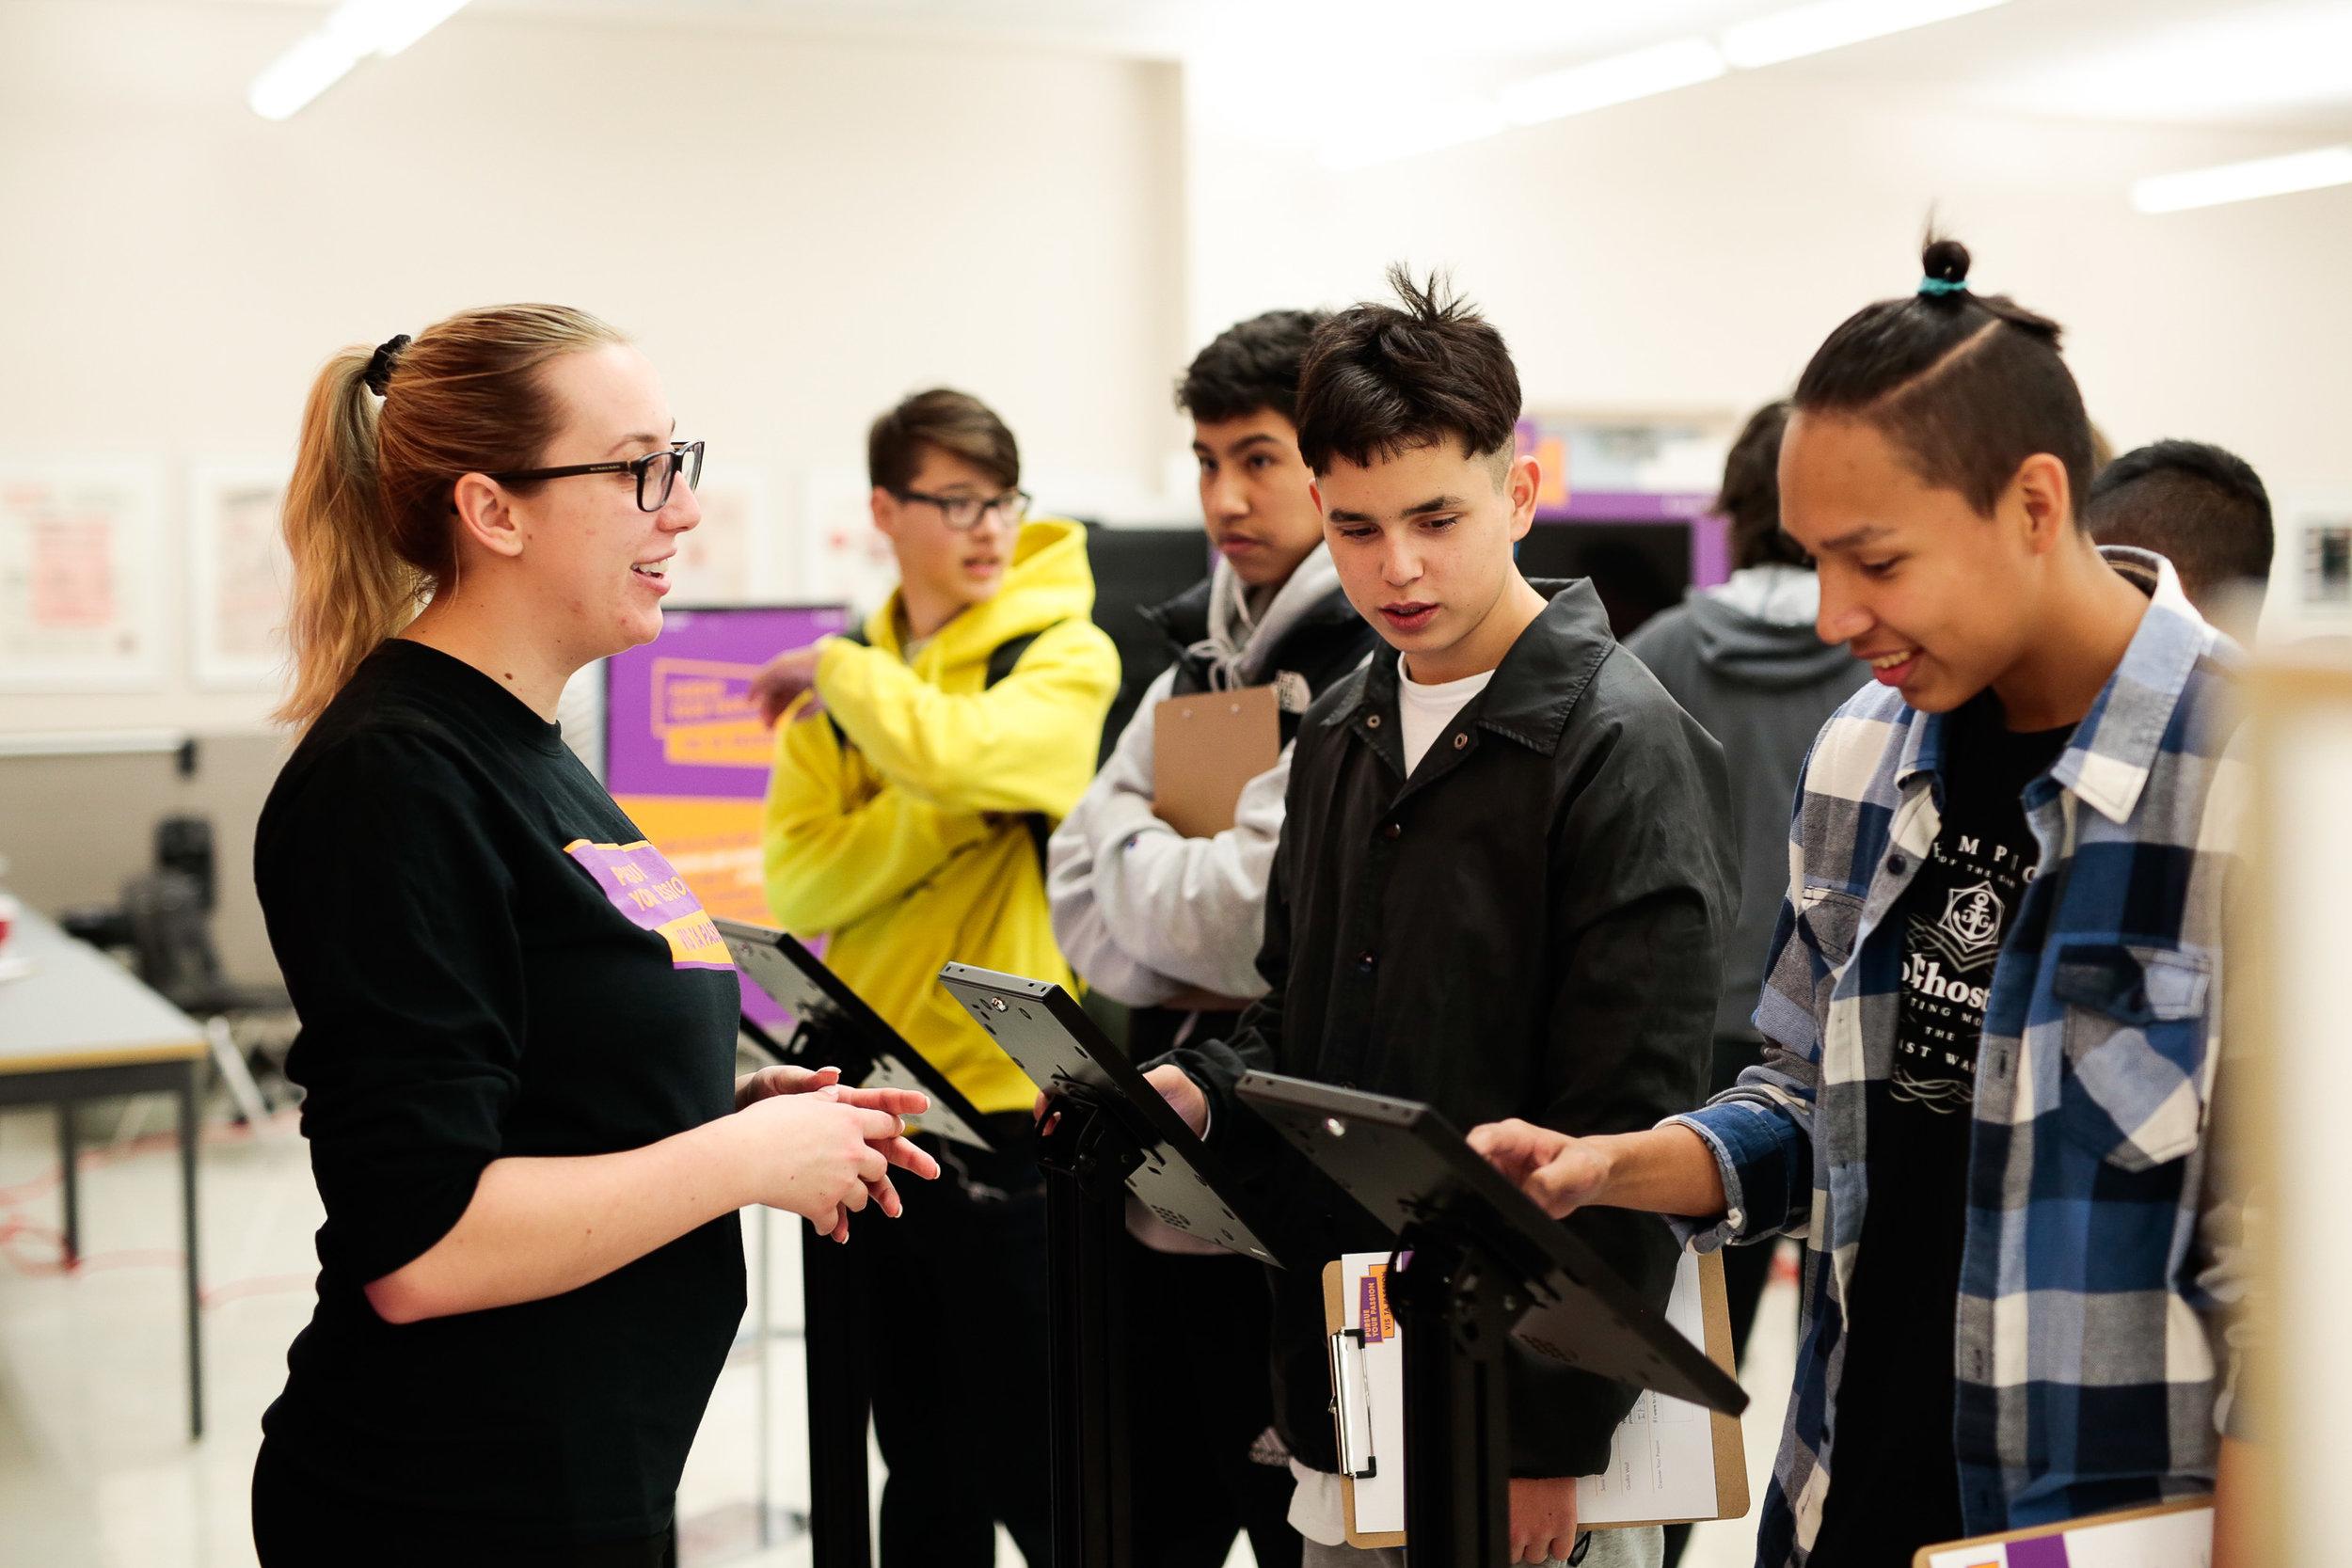 Un ambassadeur de l'information parlant aux étudiants à propos l'expérience